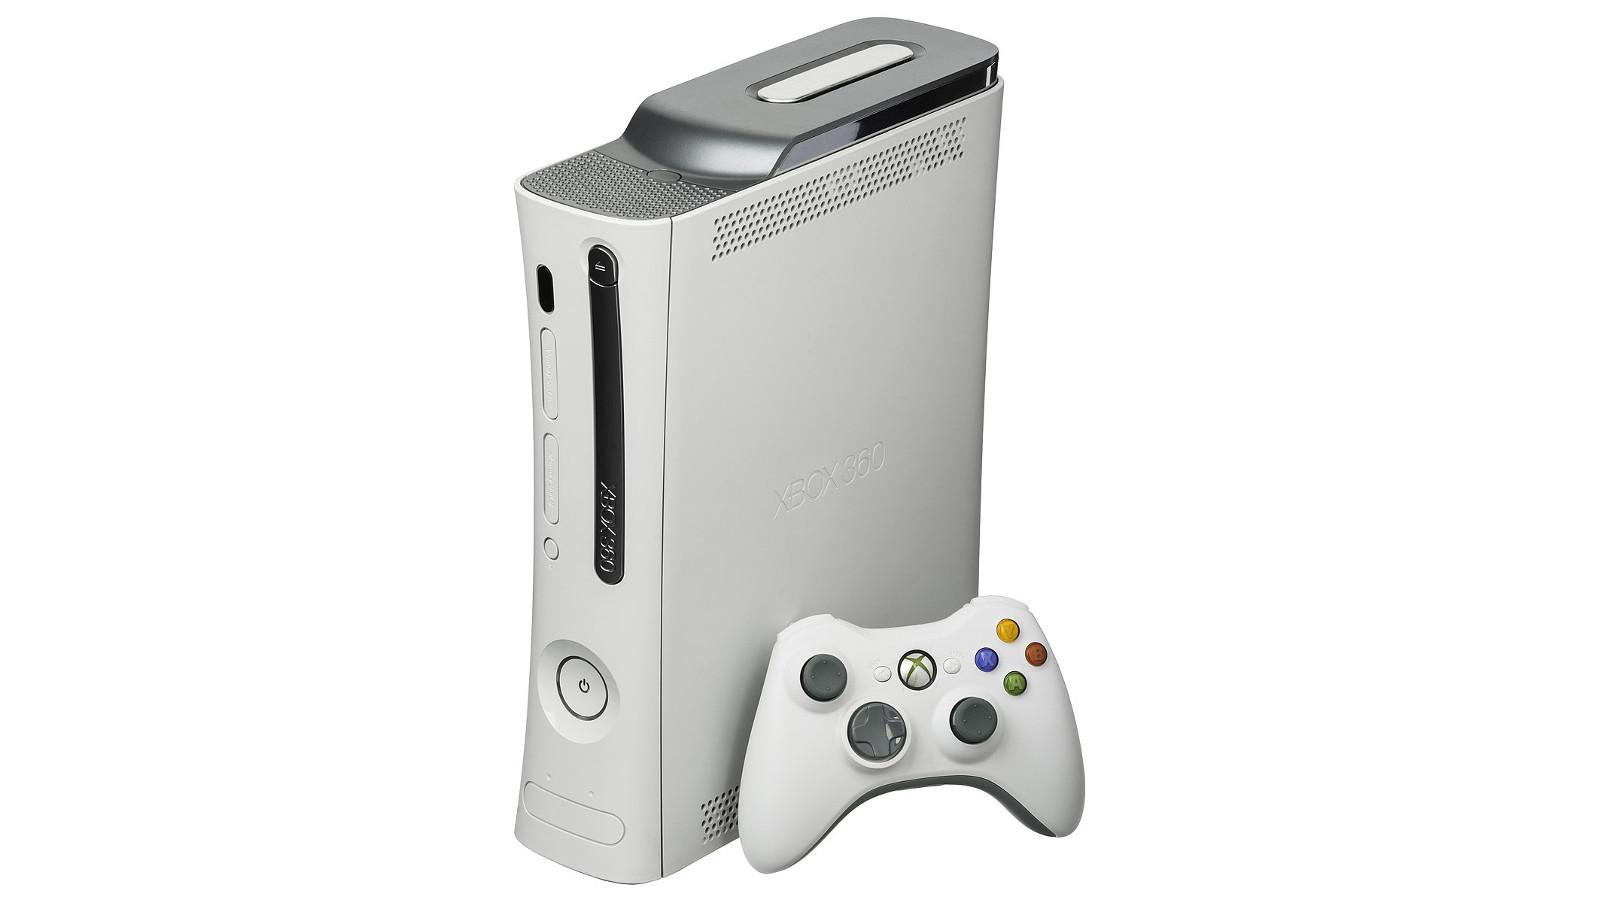 Xbox 360 Evan Amos Wikipedia 1